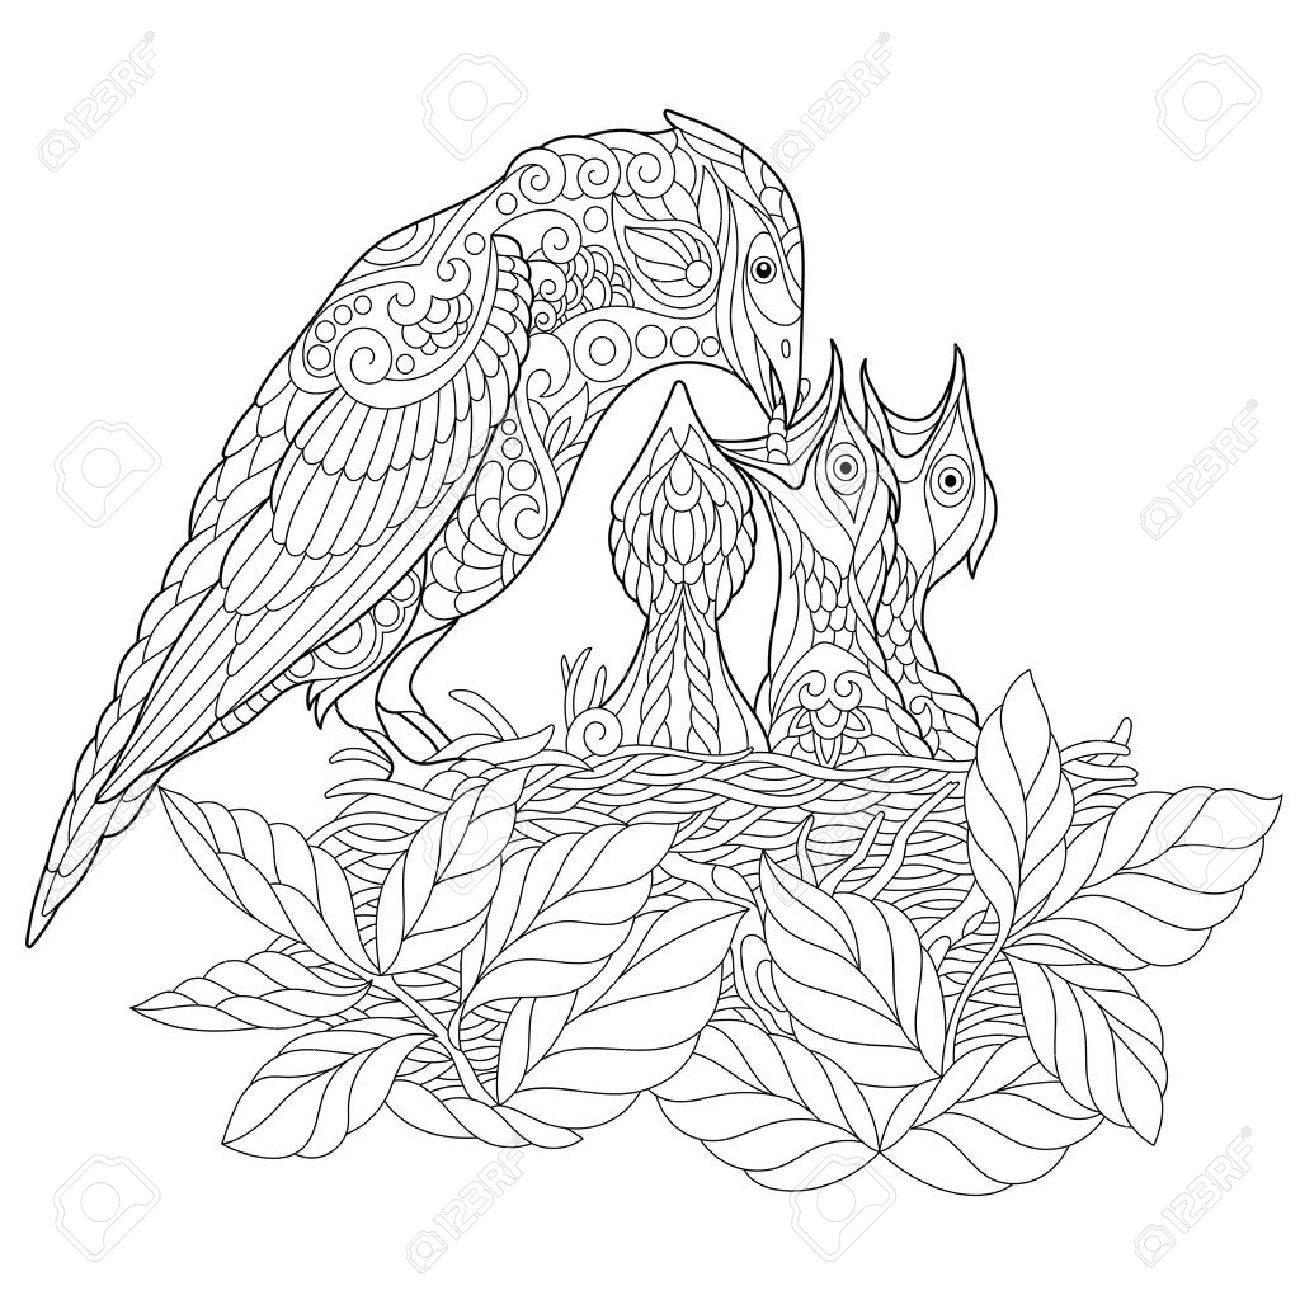 Página Del Libro Para Colorear De Aves Jay Alimentar A Sus Pichones Recién Nacidos Dibujo De Bosquejo A Mano Alzada Para El Colorante Antistress